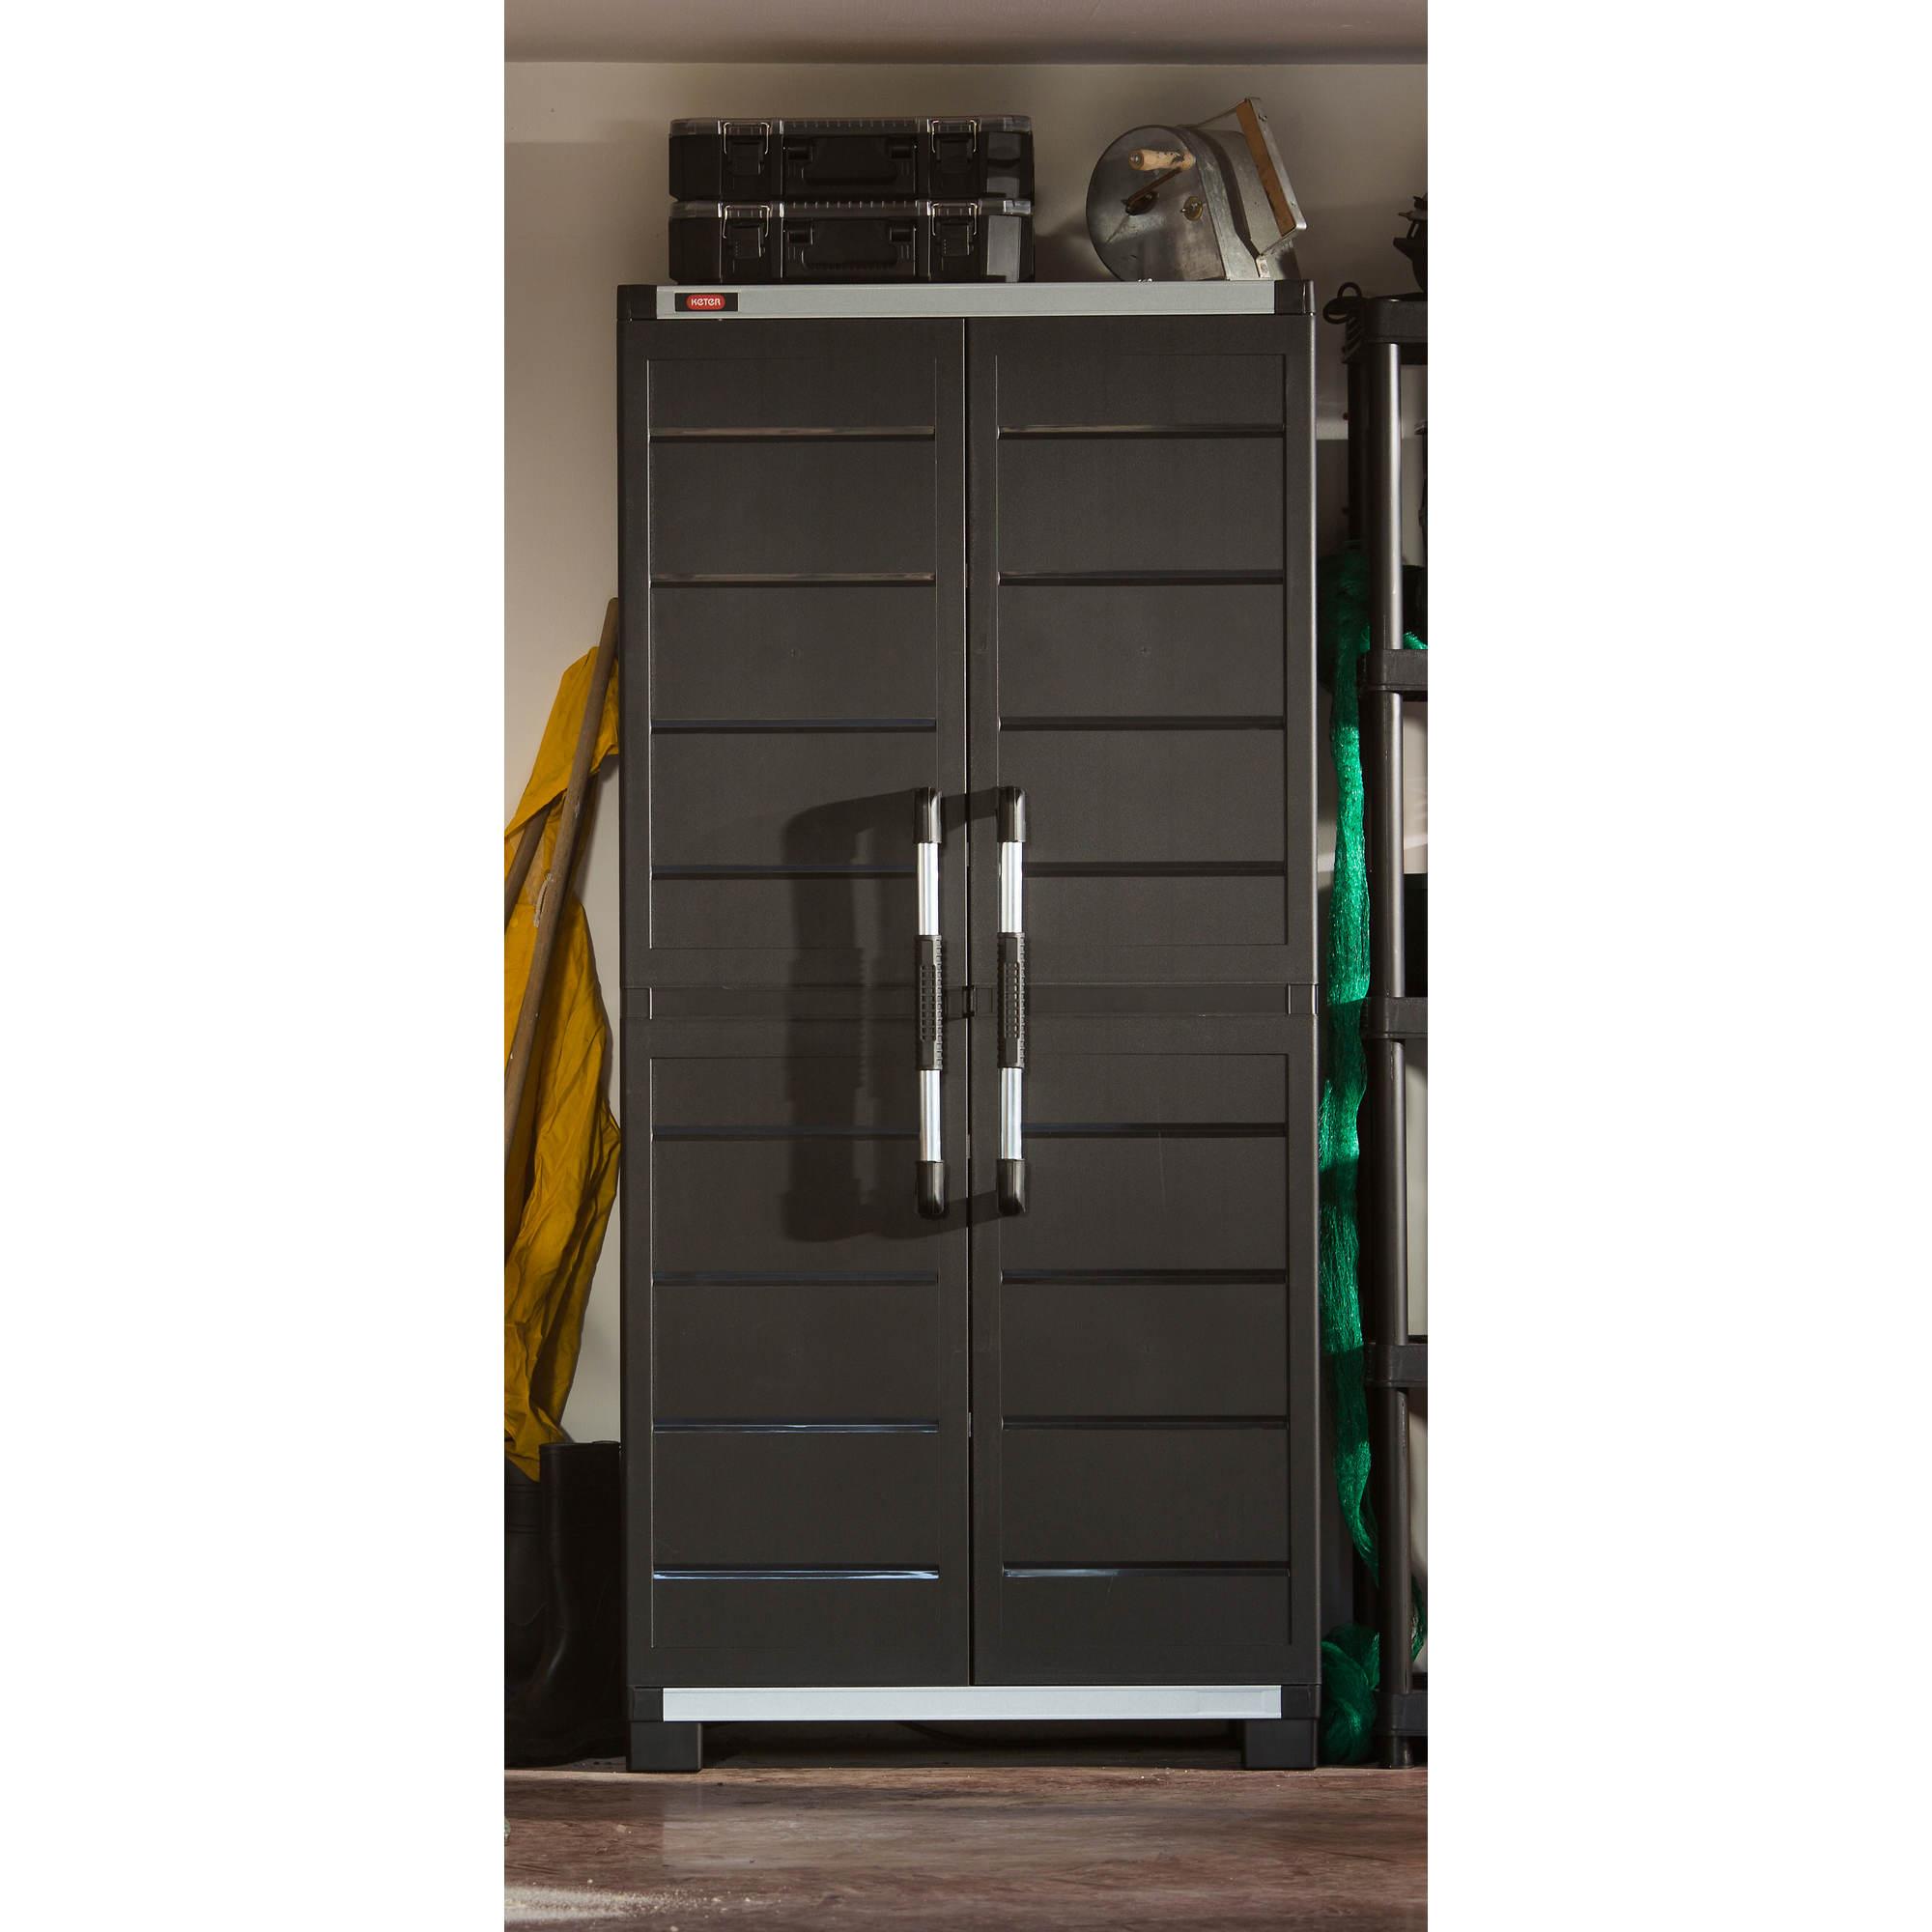 Keter XL Pro Garage Cabinet (229254)